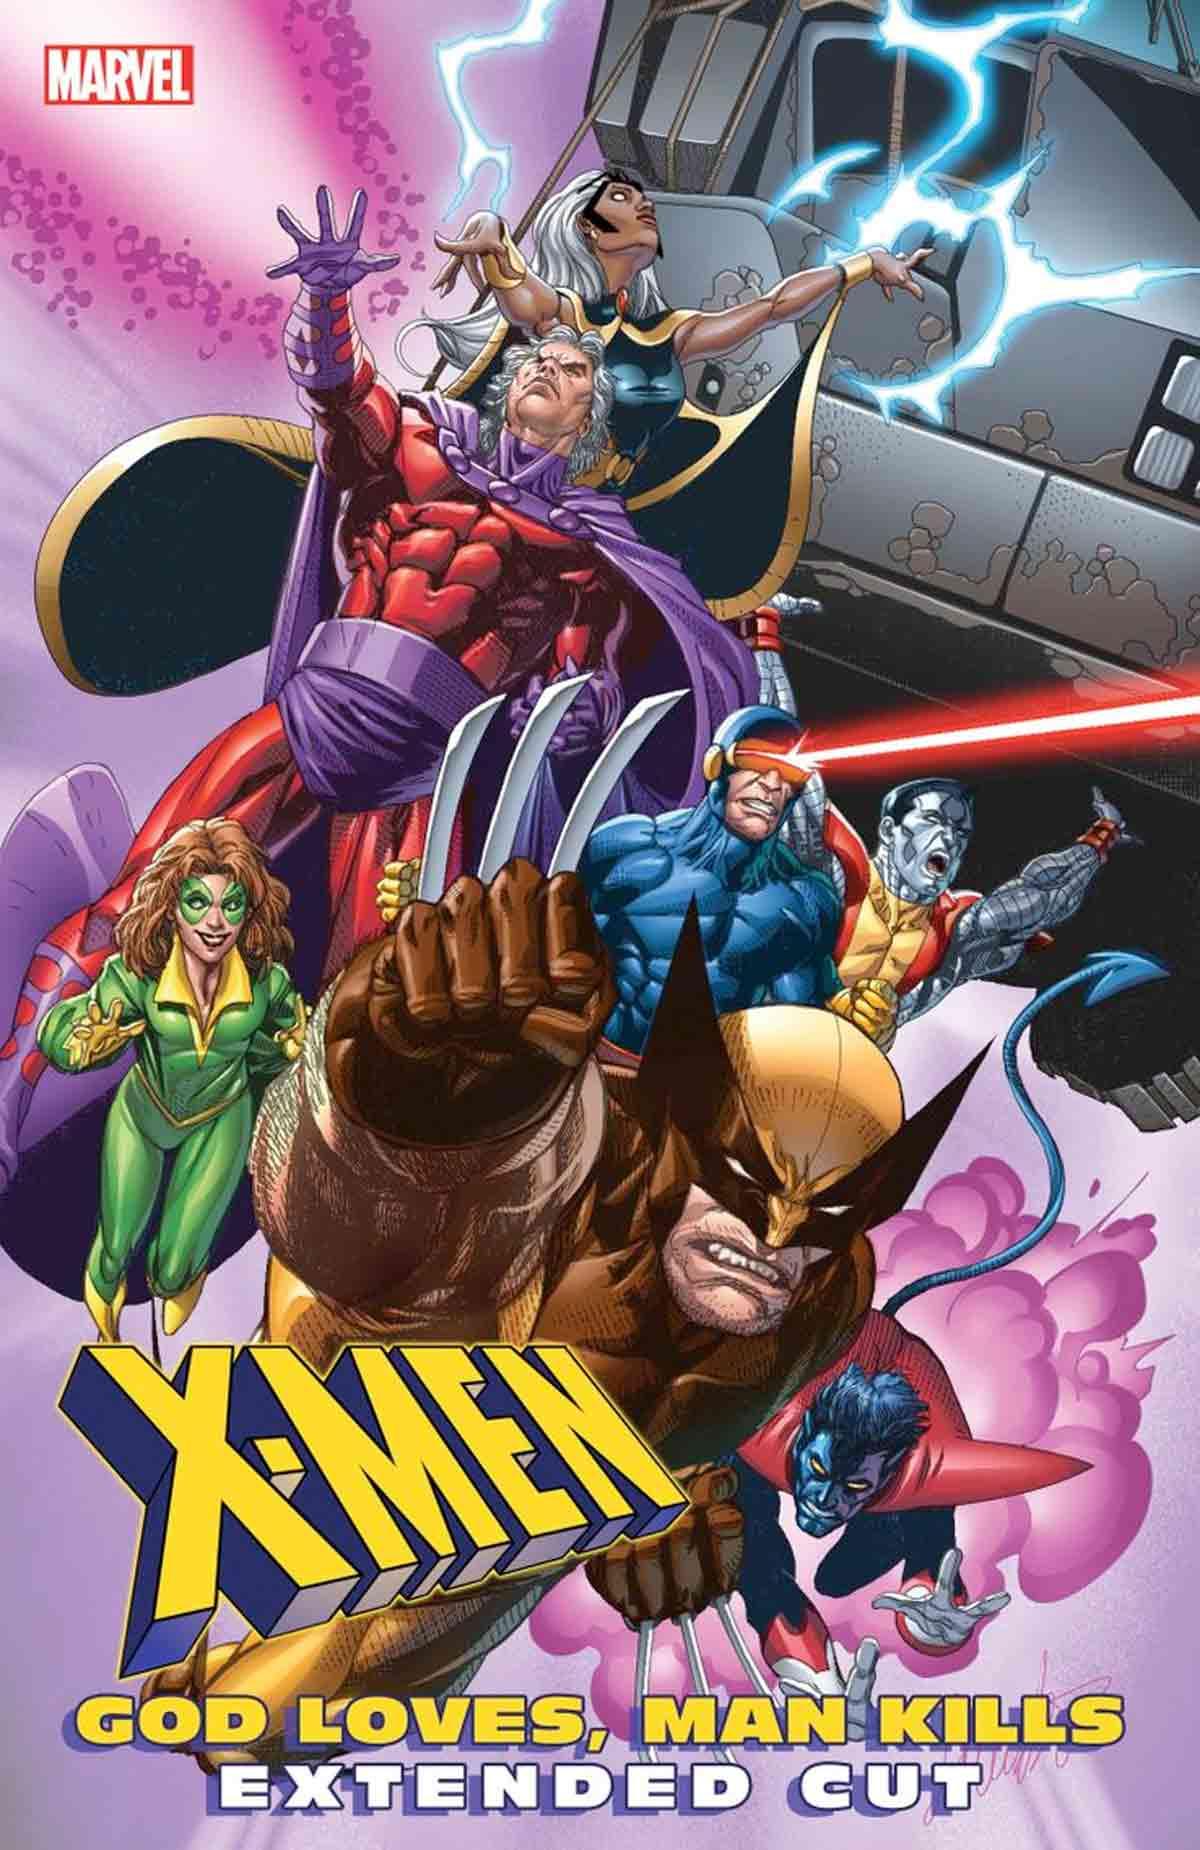 Marvel crea una versión extendida de un legendario cómic